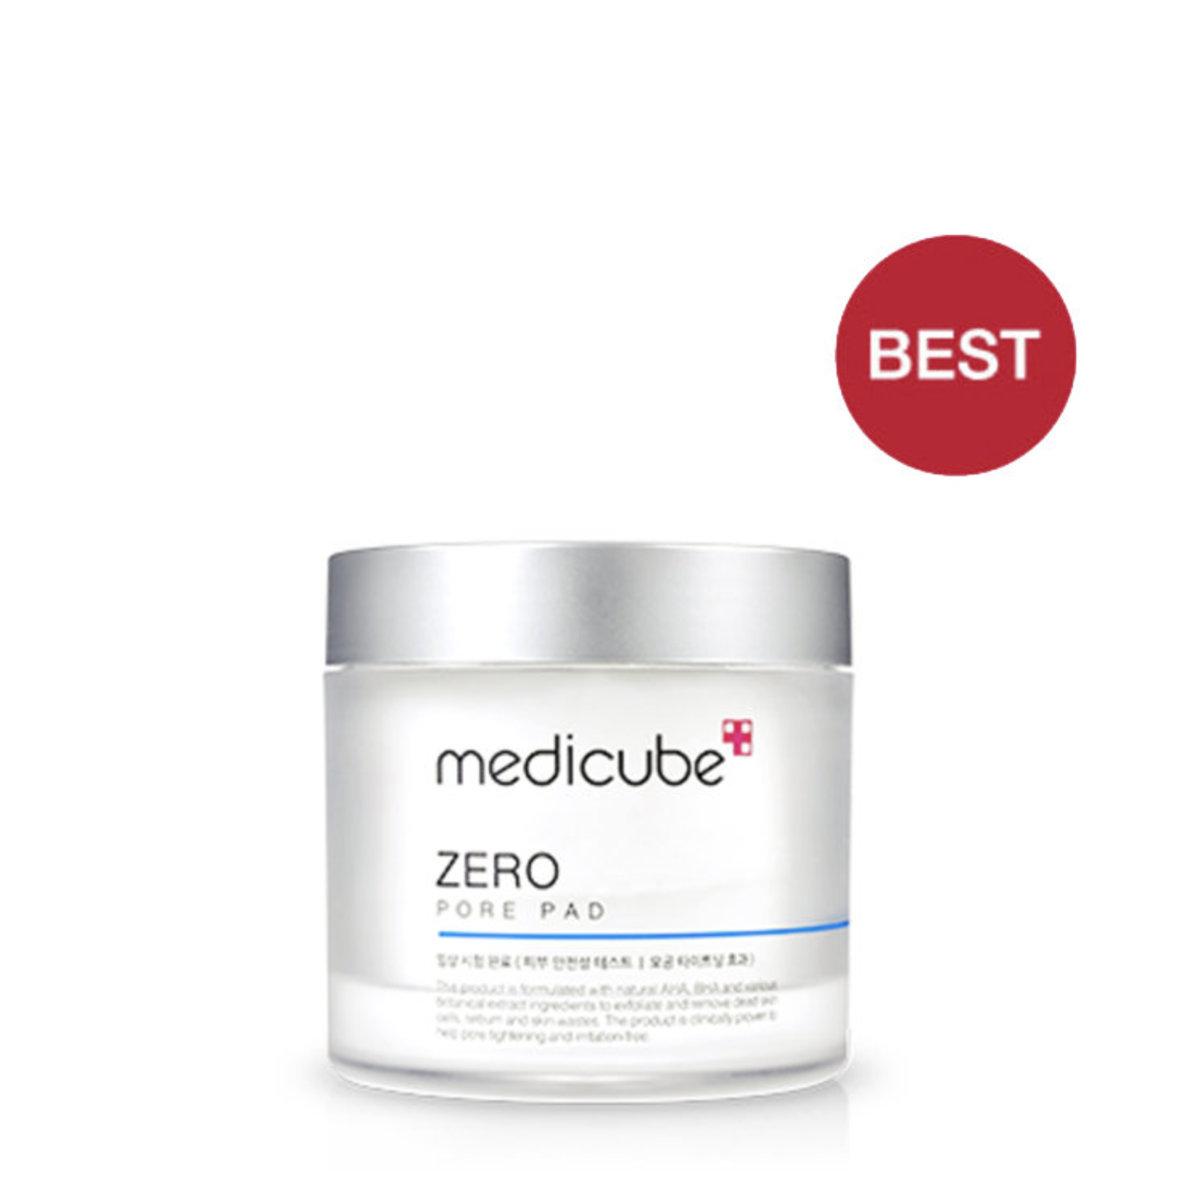 Medicube 收毛孔去角質清潔棉(一盒70片)(神之棉花保濕爽膚棉)